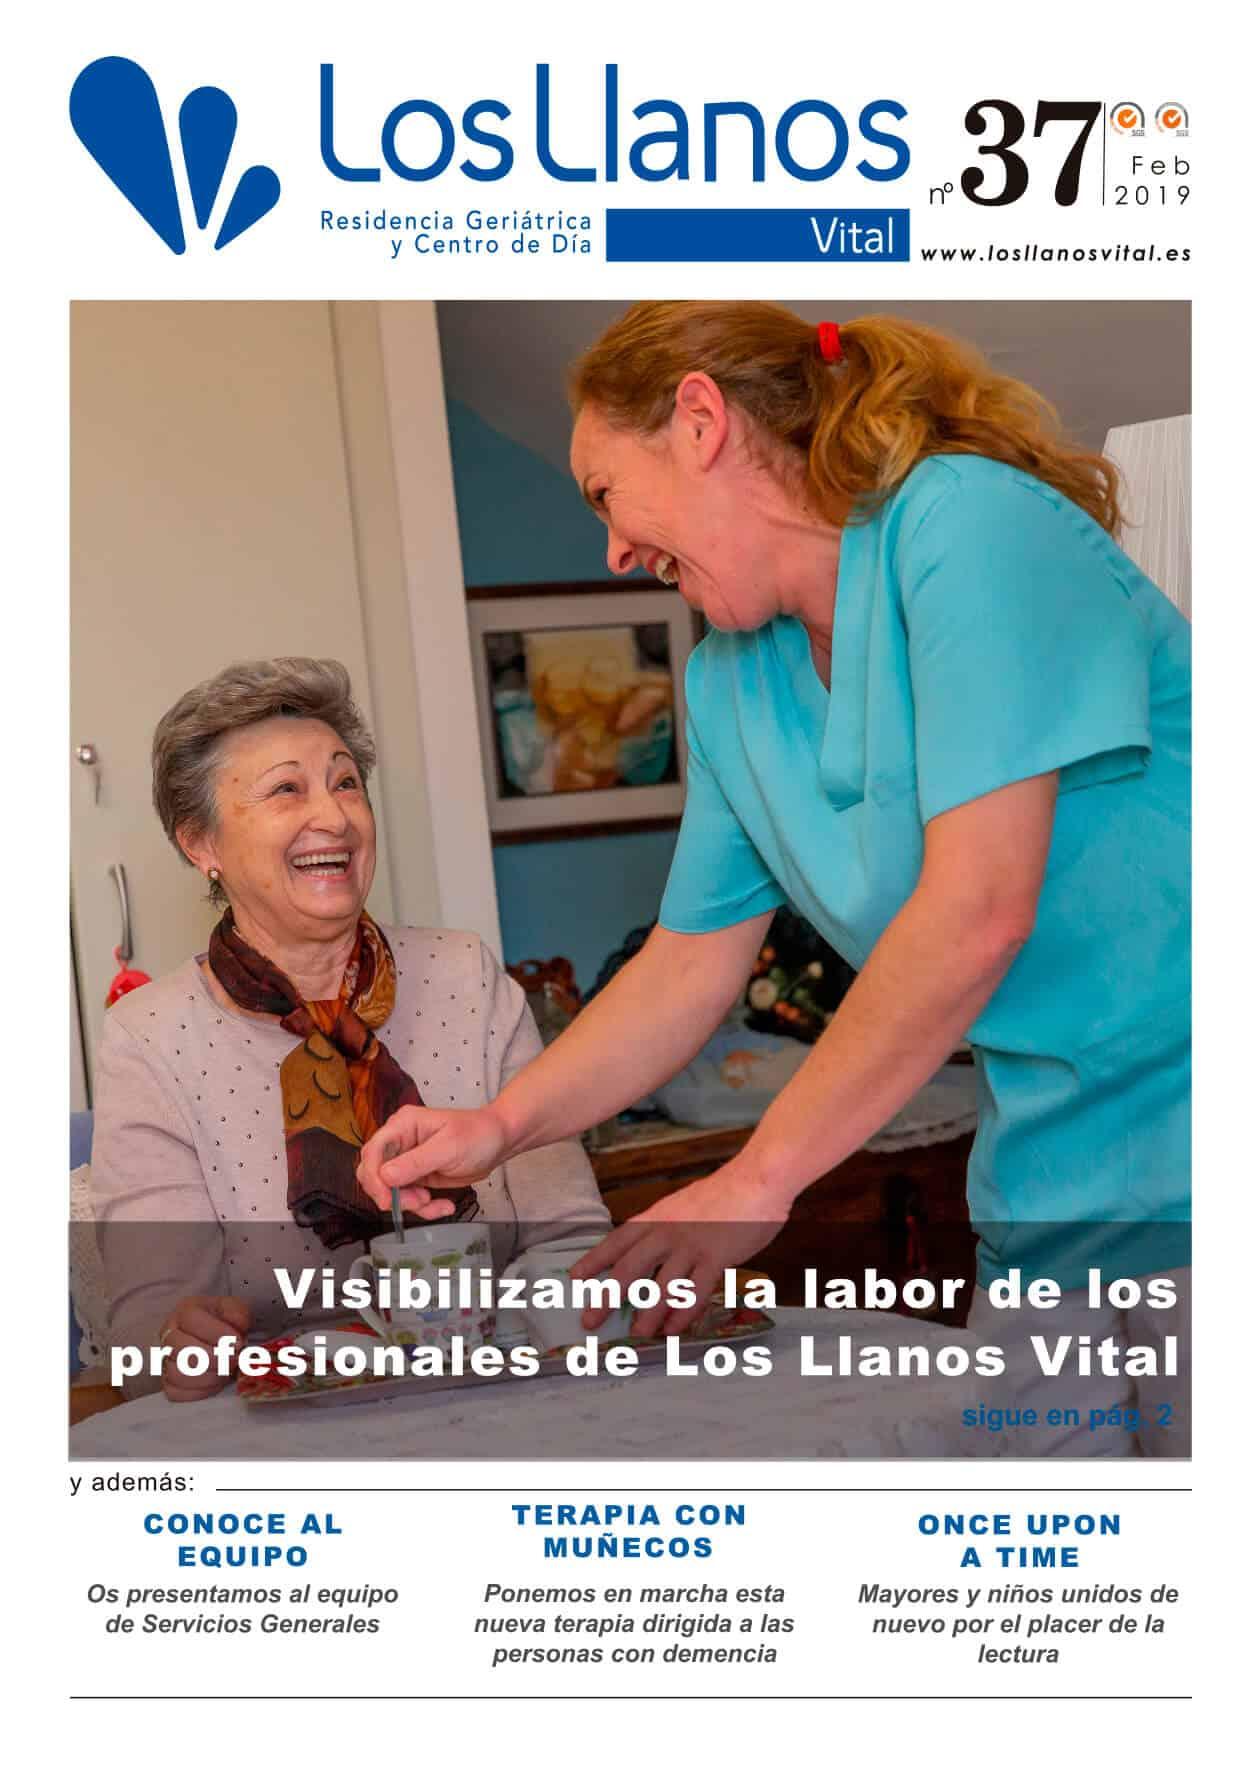 REvista Los Llanos